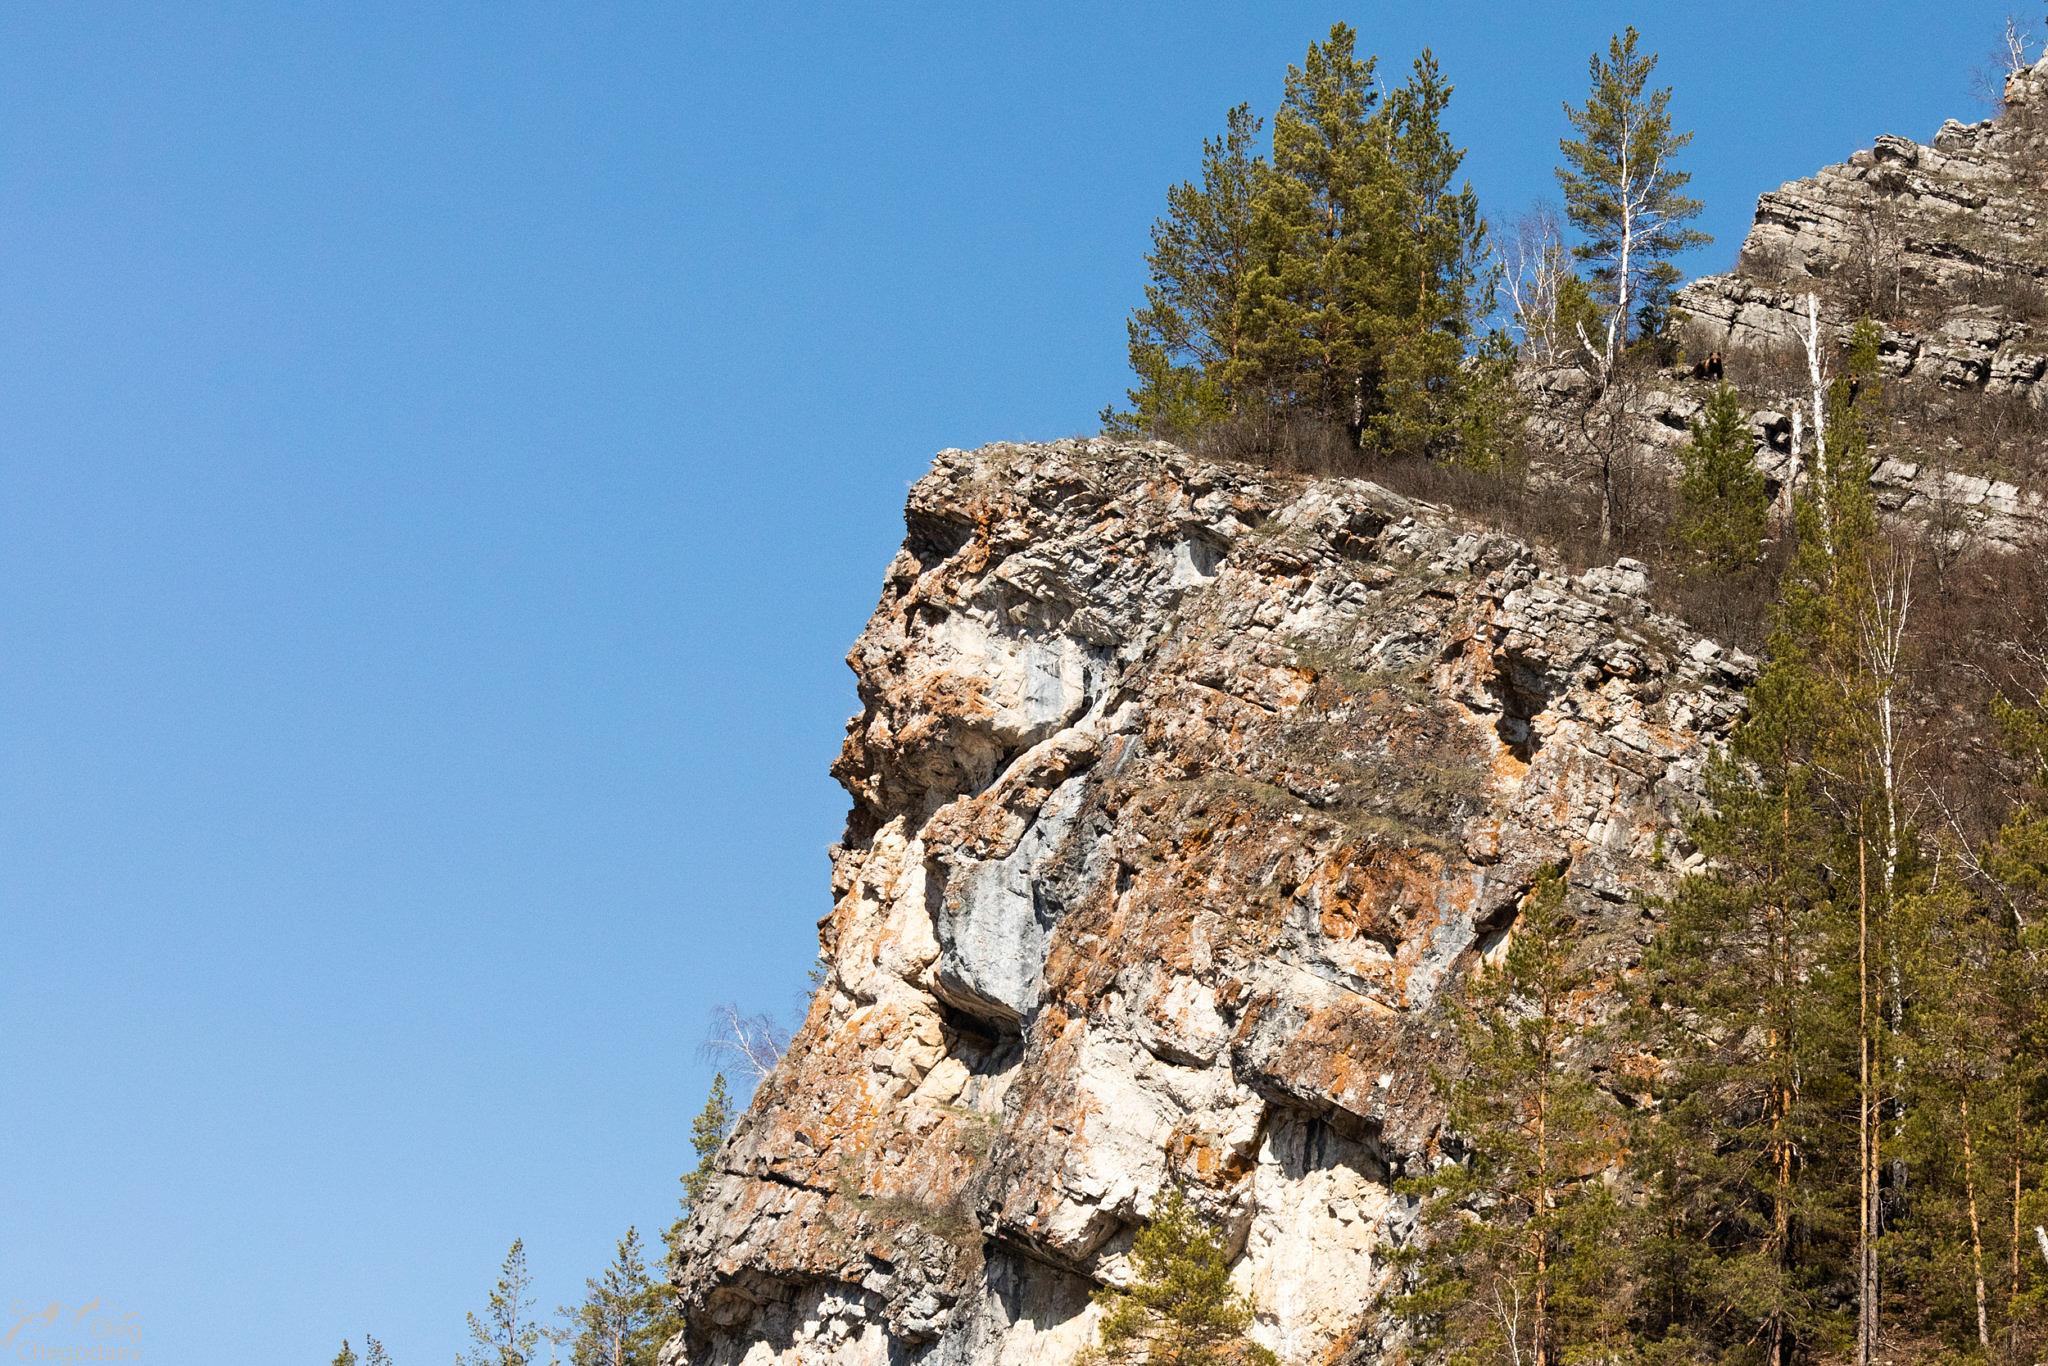 Медведи и антропометричный профиль скалы